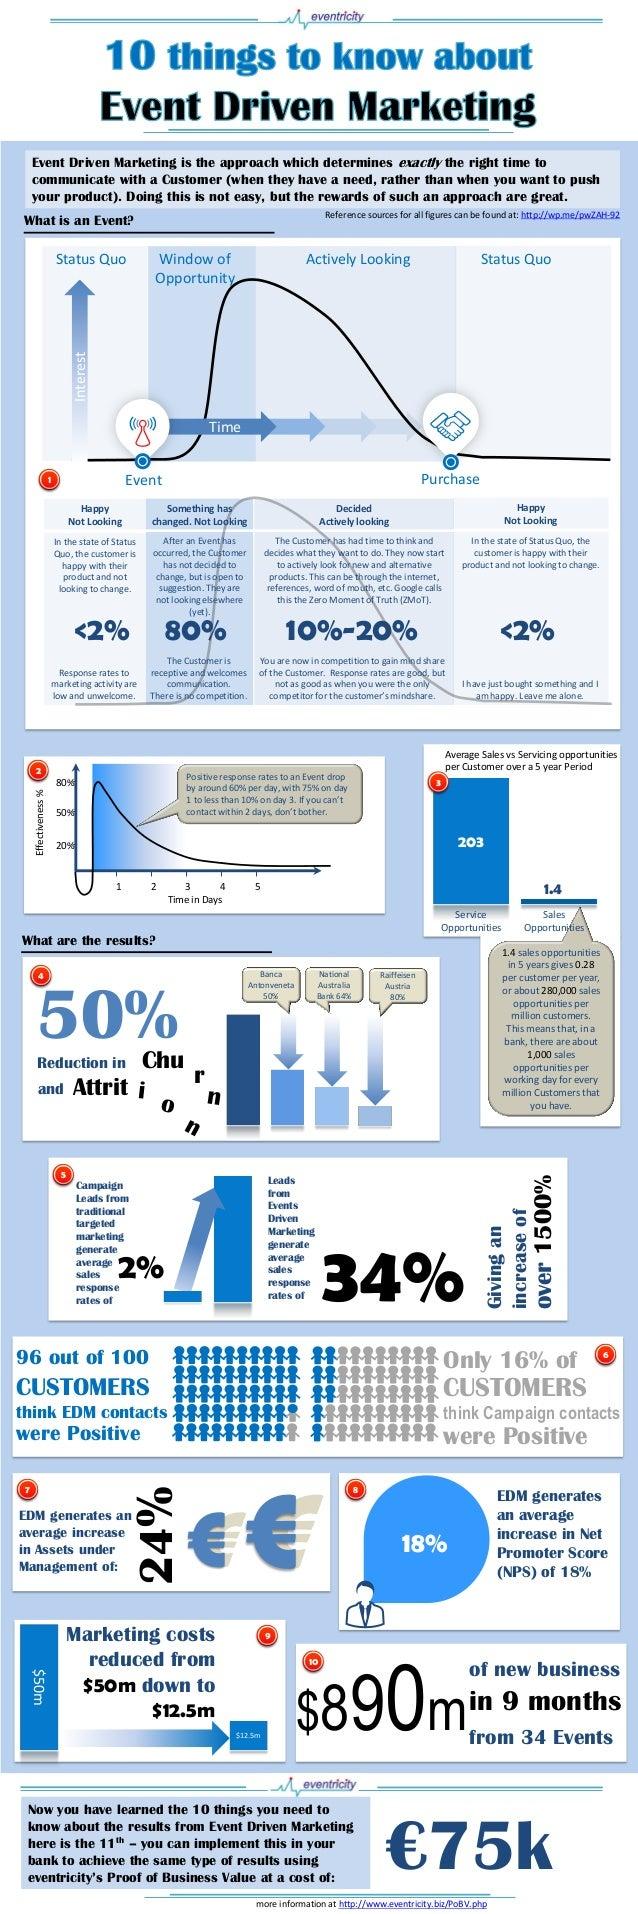 Eventricity edm infographic